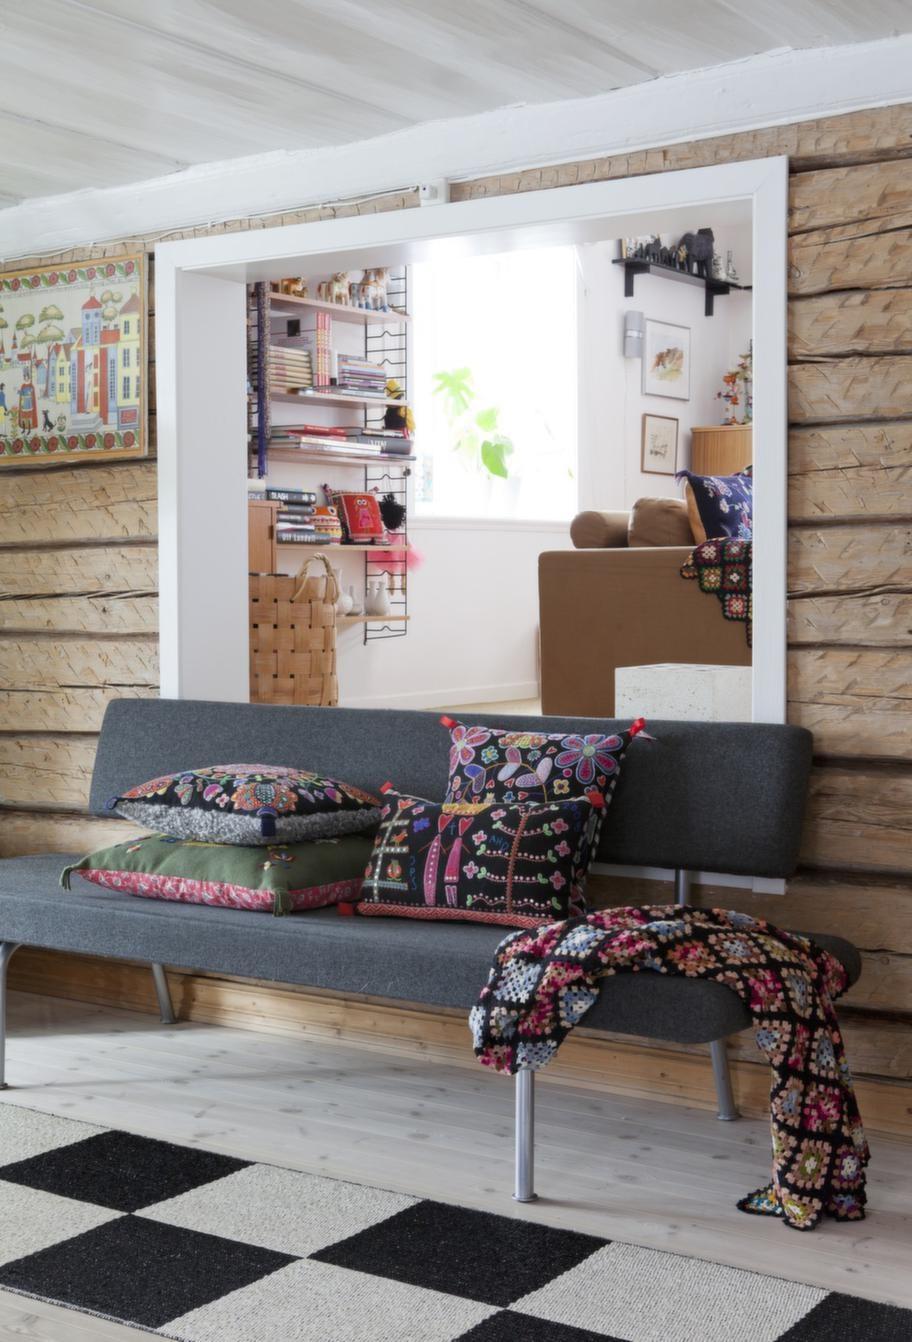 Soffan i hallen är ritad av Claesson Koivisto Rune. Annas kuddar blir fina på det grå ylletyget.